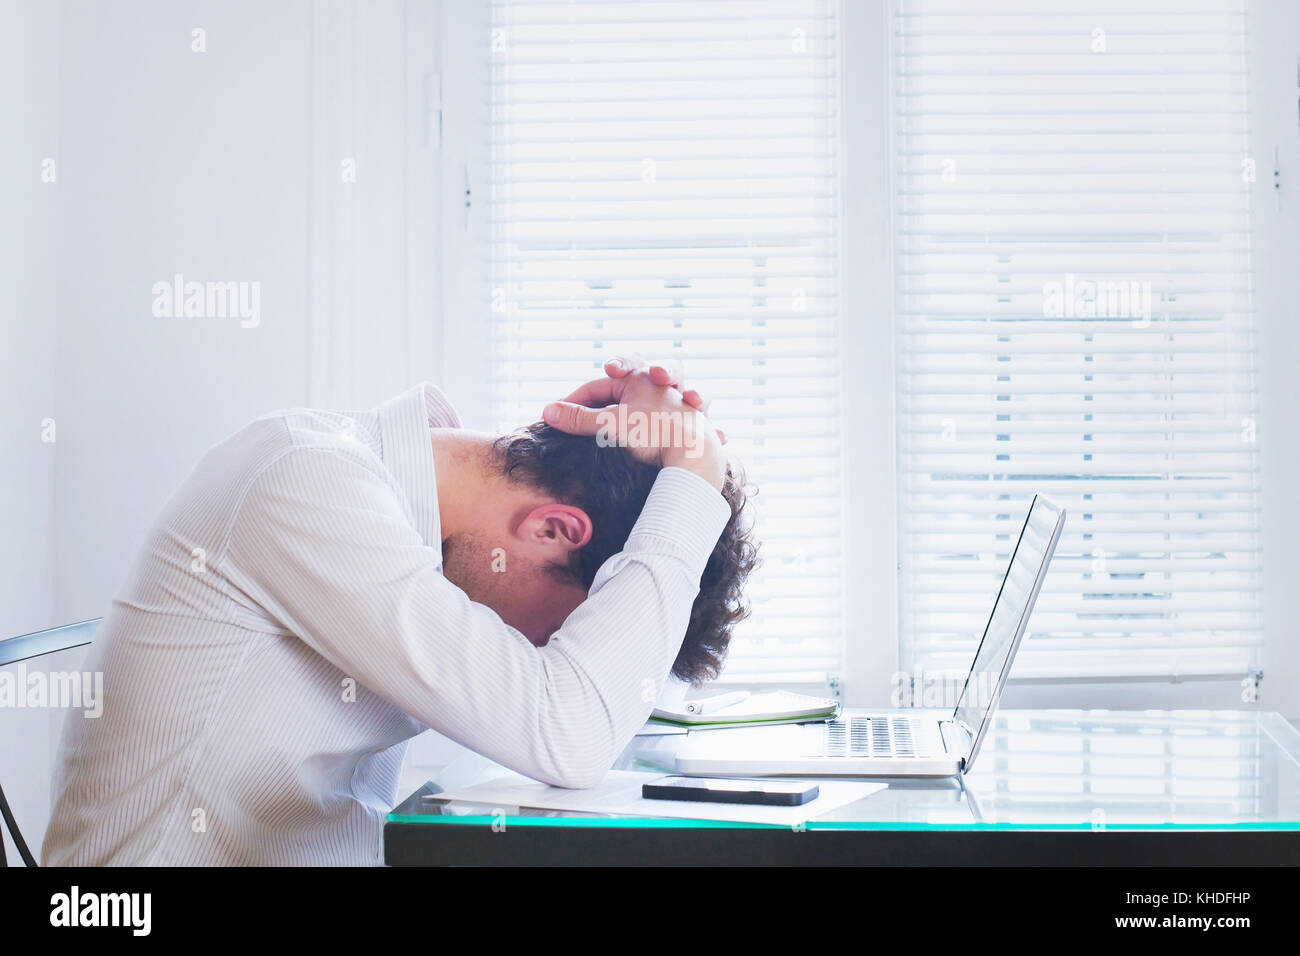 Burnout emotivo, stanchi imprenditore al lavoro in ufficio, il concetto di stress Immagini Stock